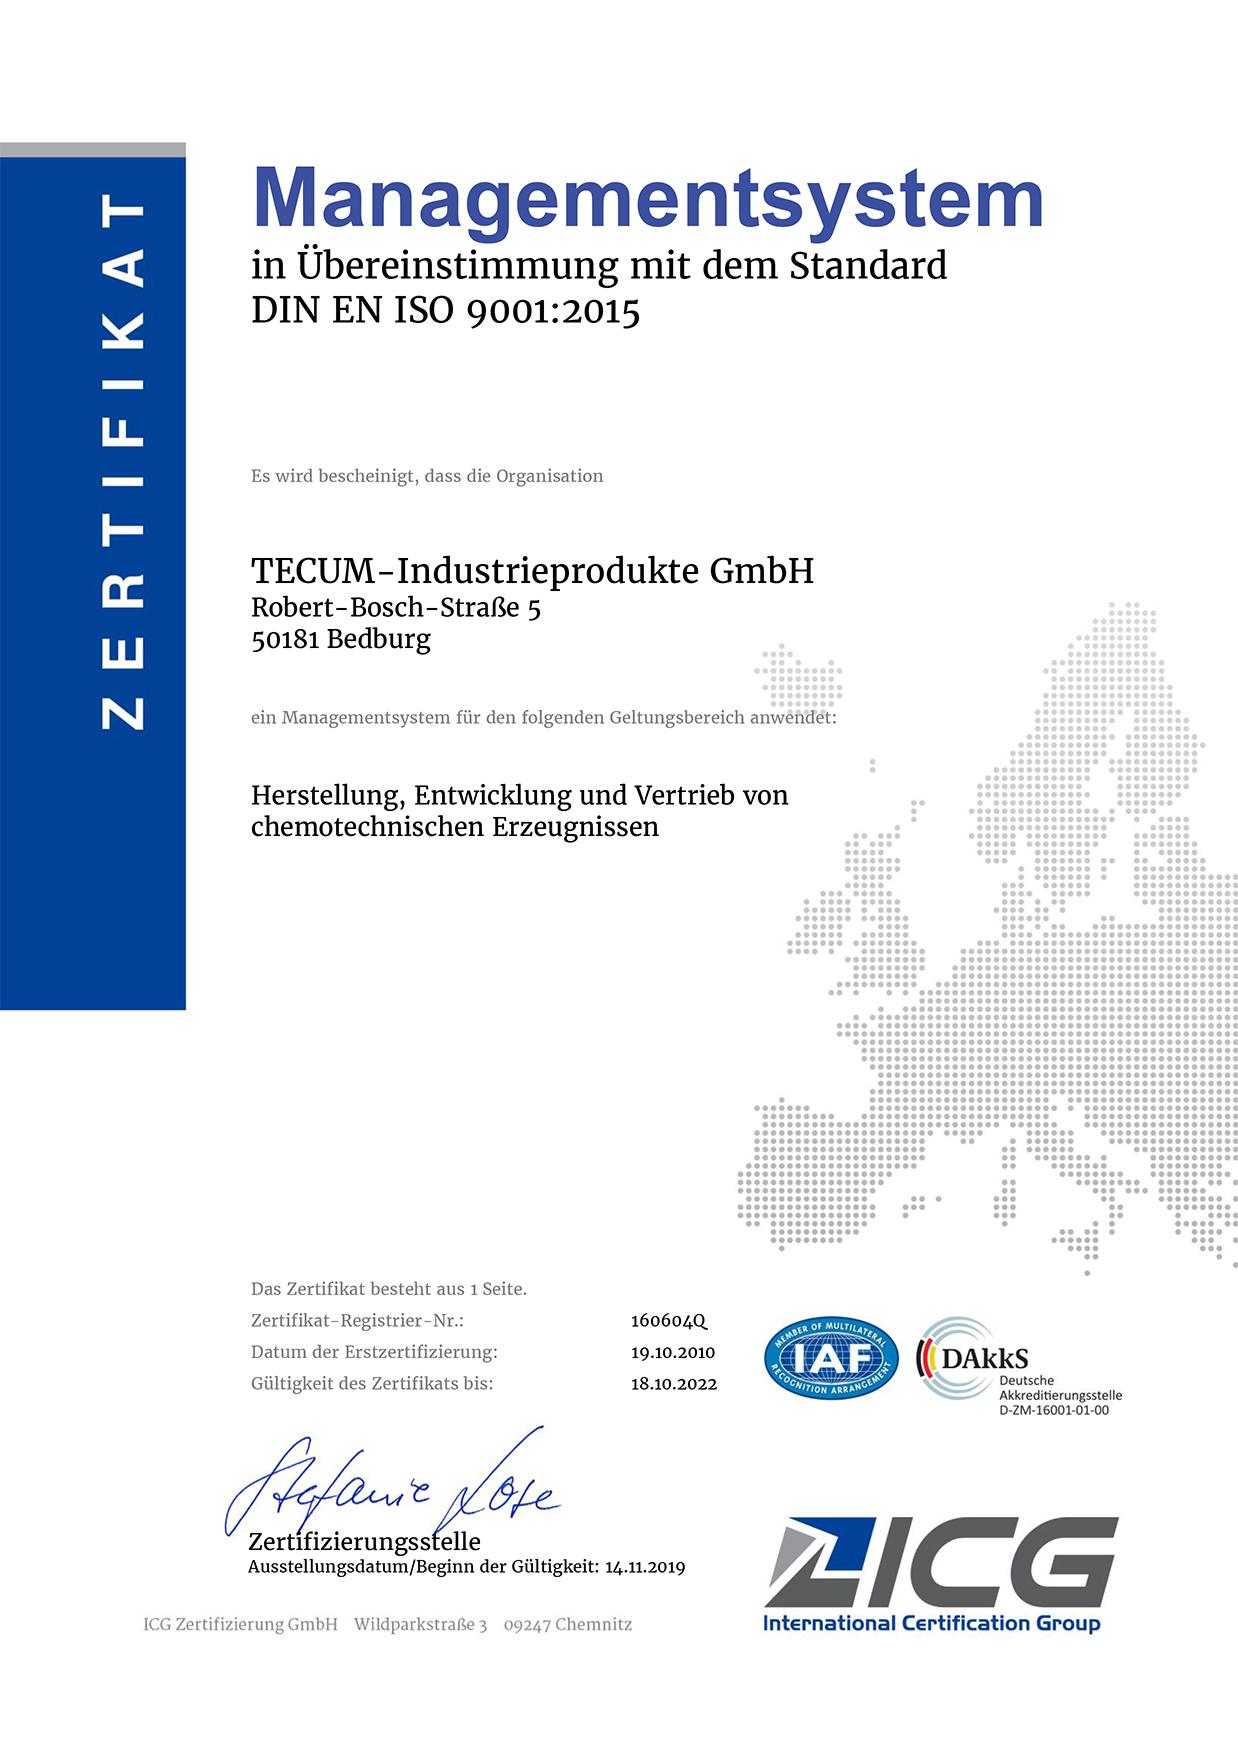 DIN EN ISO 9001 Qualitätsmanagementsystem für die TECUM GmbH